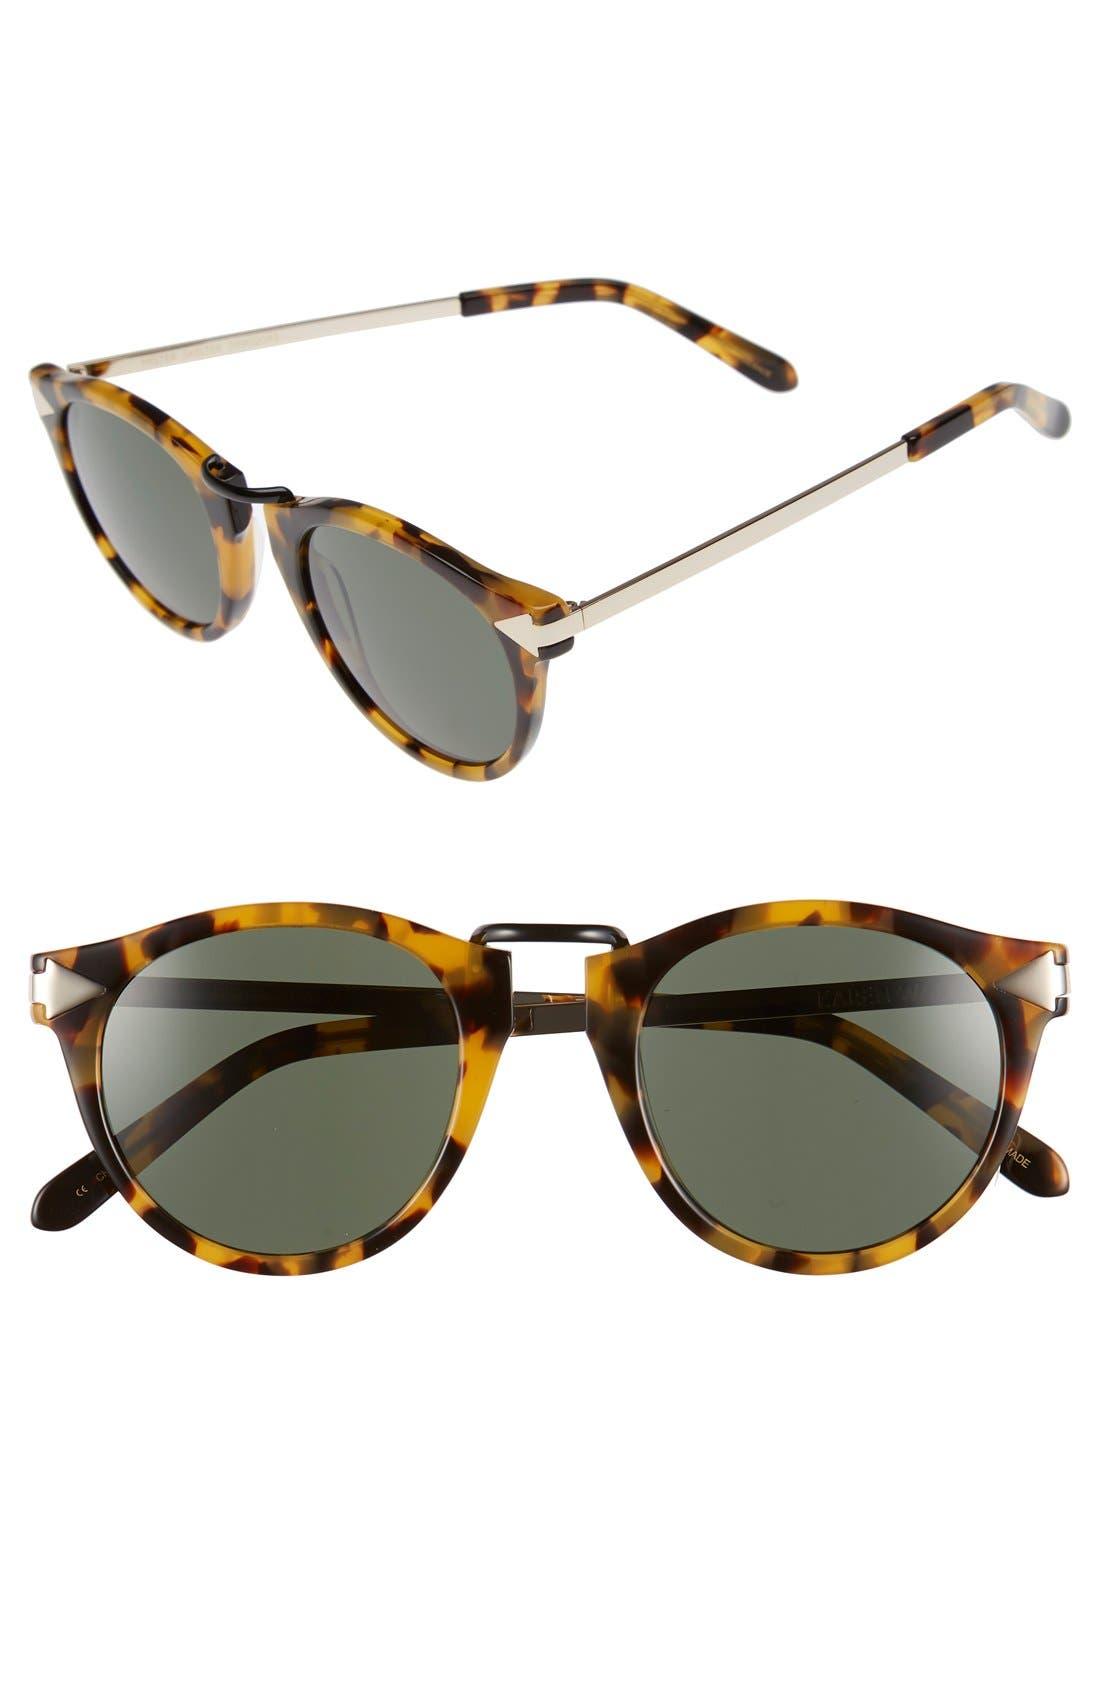 Alternate Image 1 Selected - Karen Walker 'Helter Skelter' 48mm Sunglasses